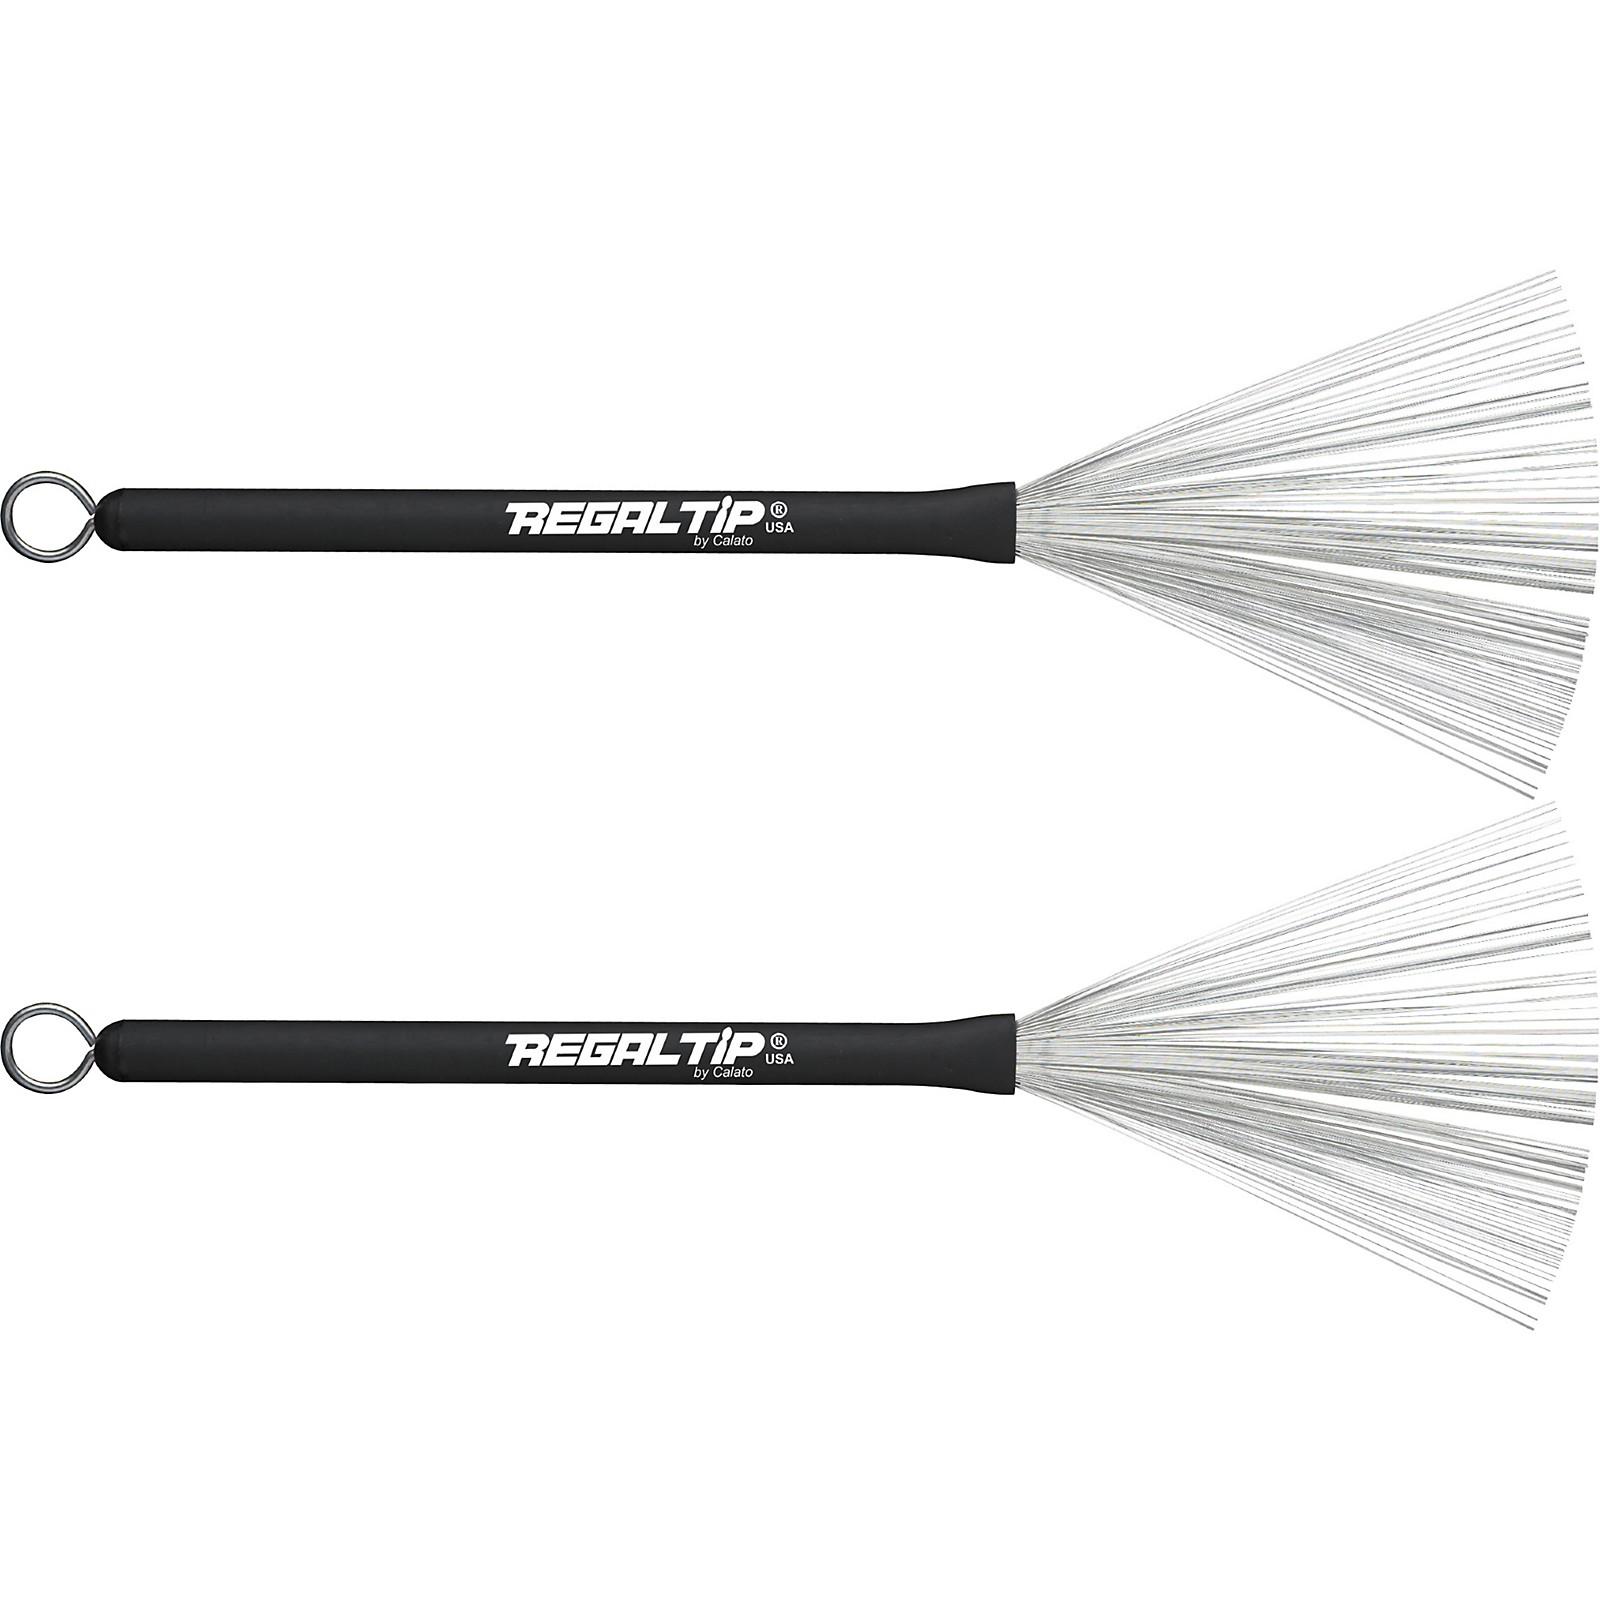 Regal Tip Classic Brushes